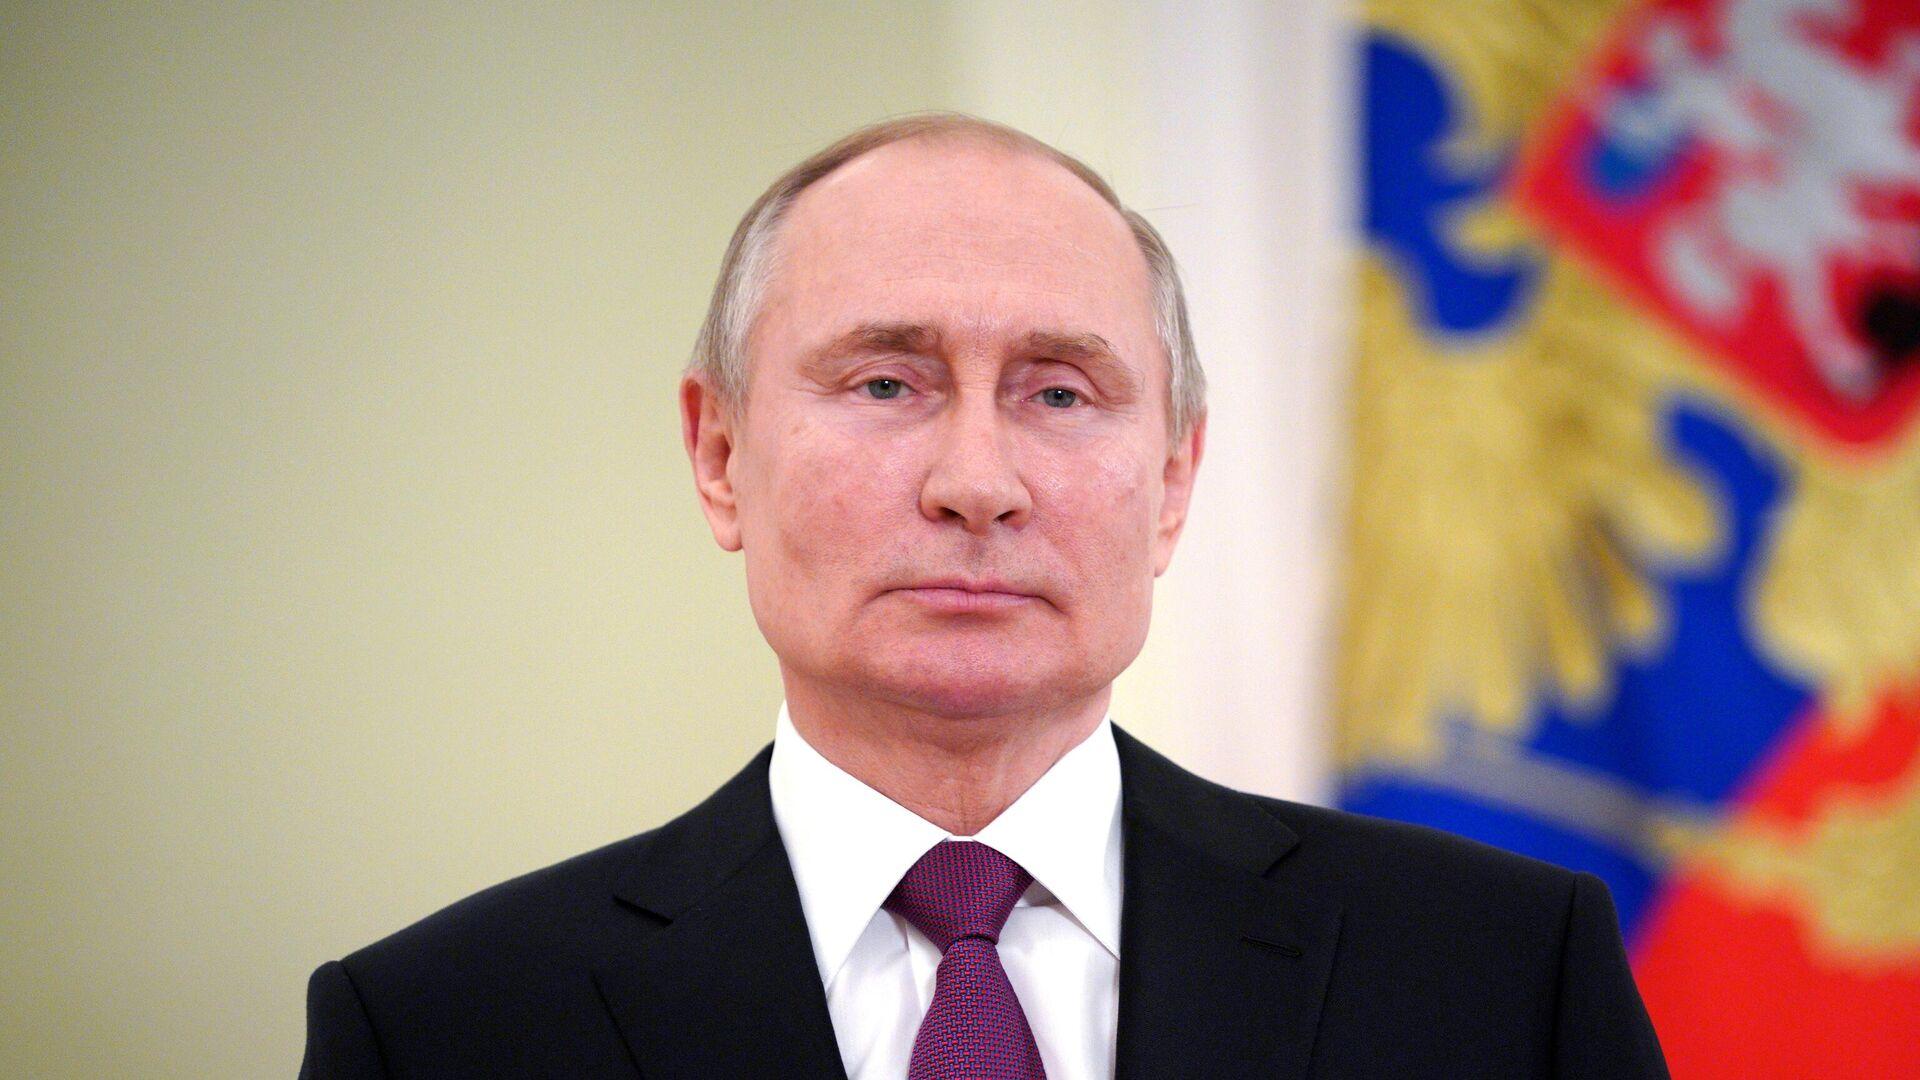 https://cdn25.img.ria.ru/images/07e5/03/1b/1603086540_0:63:3072:1791_1920x0_80_0_0_91b0f7b37f2806084f222f51e450bcf5.jpg